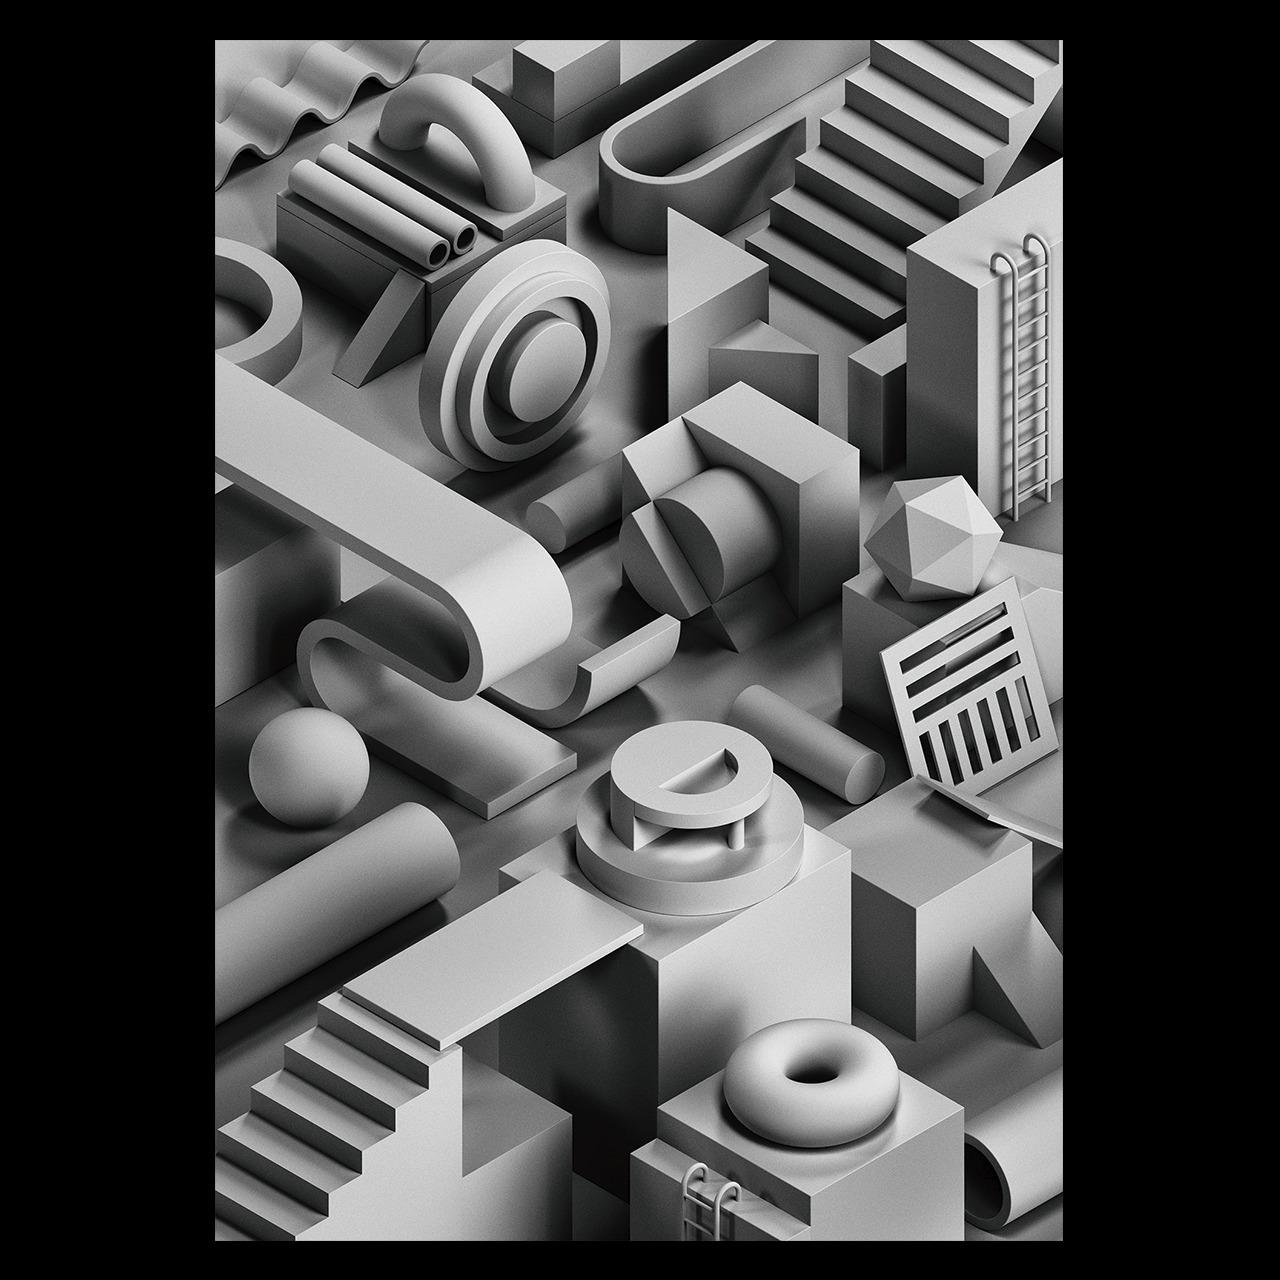 Noir illustration series - 3d, isometric - serafimmendes | ello